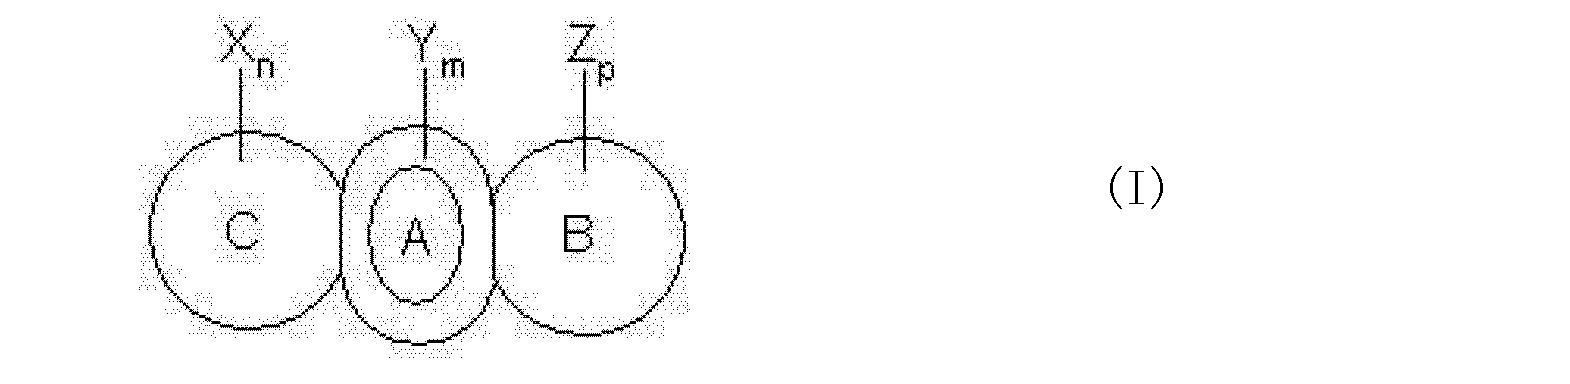 Figure CN101356662BC00021